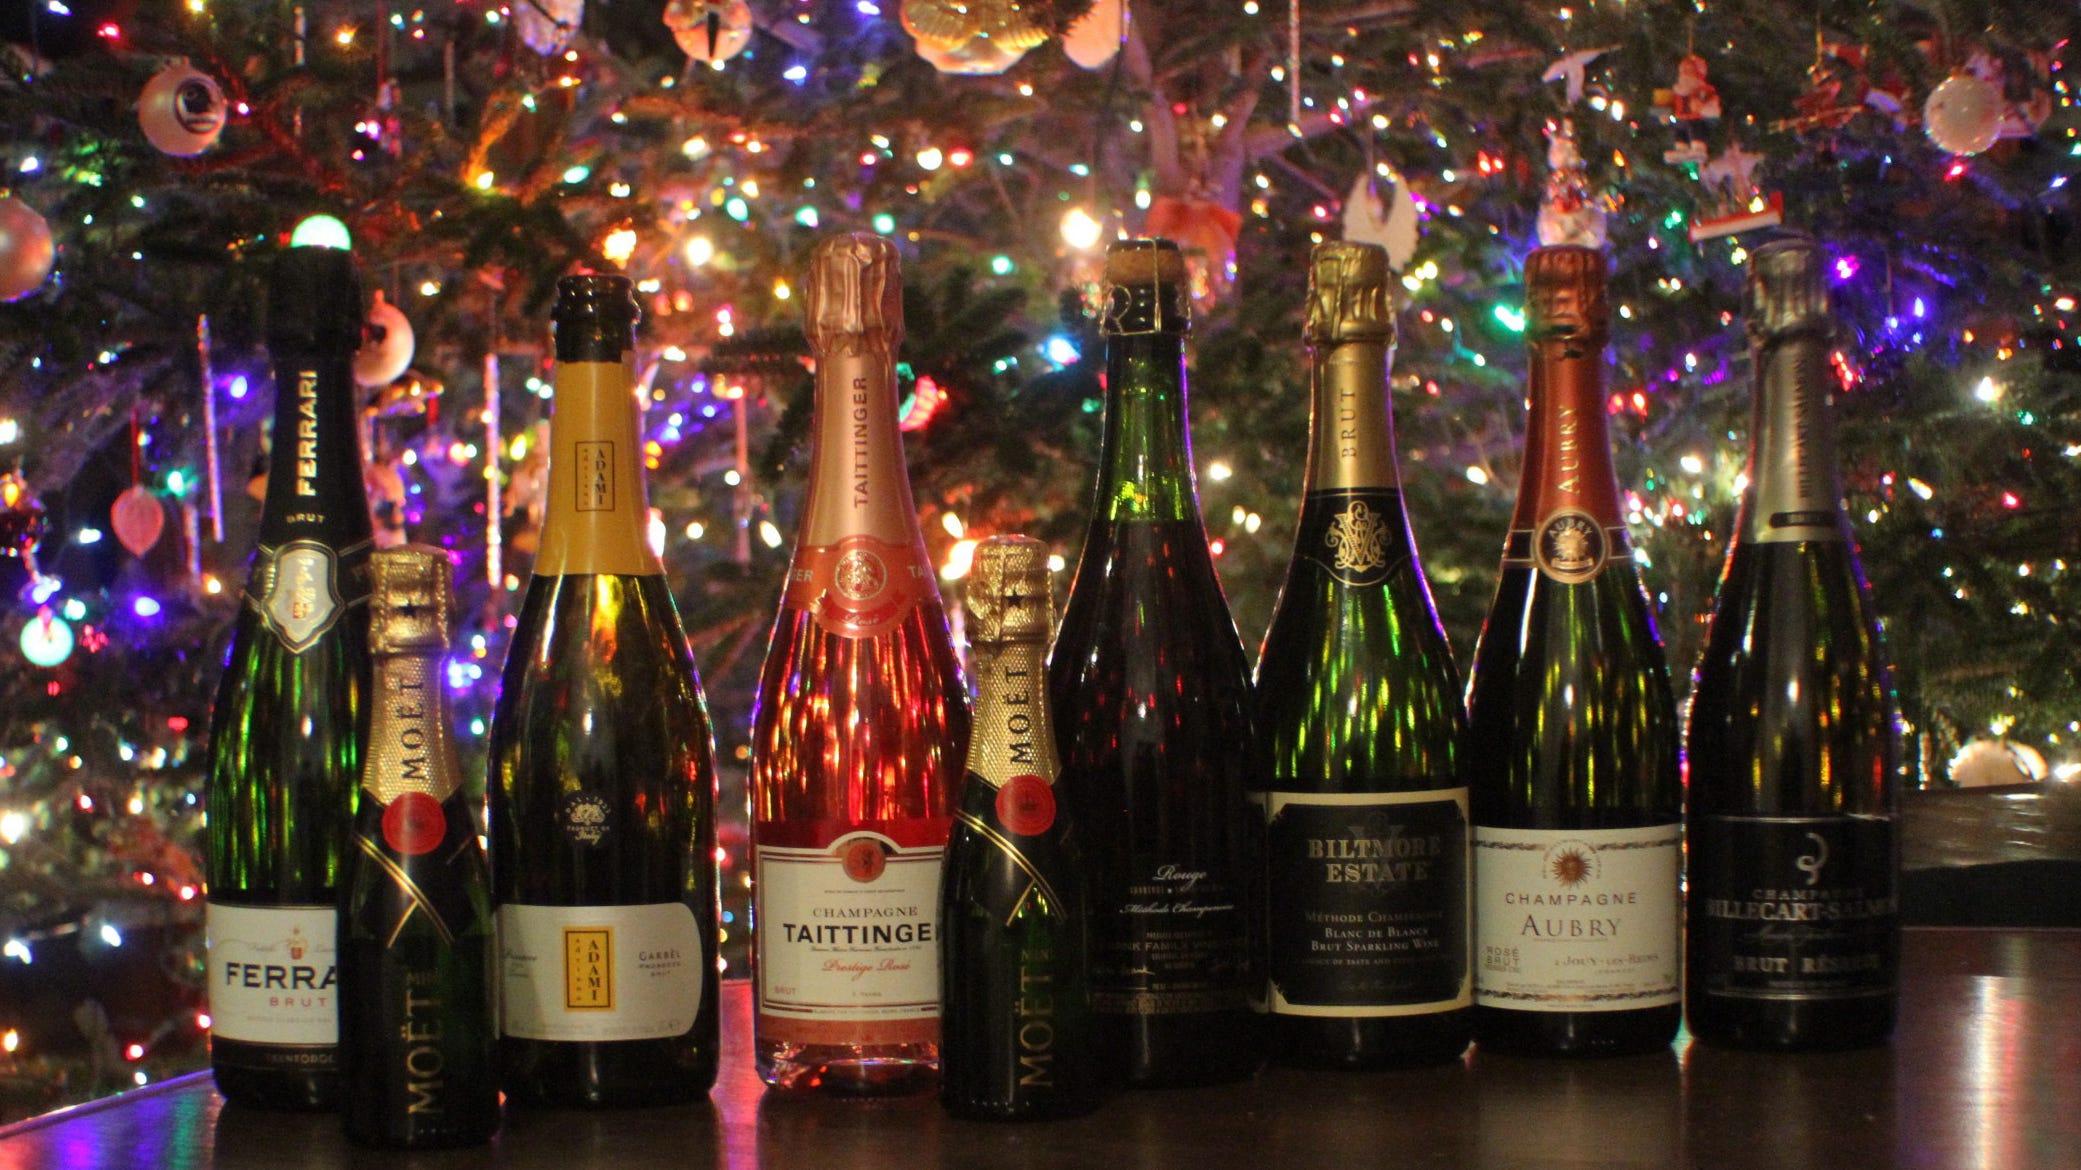 9b81b107 8503 4dbe a9d8 022c9d4dd4f2 GAAUG Wine Time sparkling wines jpg?crop=2081,1170,x270,y60&width=2081&height=1170&format=pjpg&auto=webp.